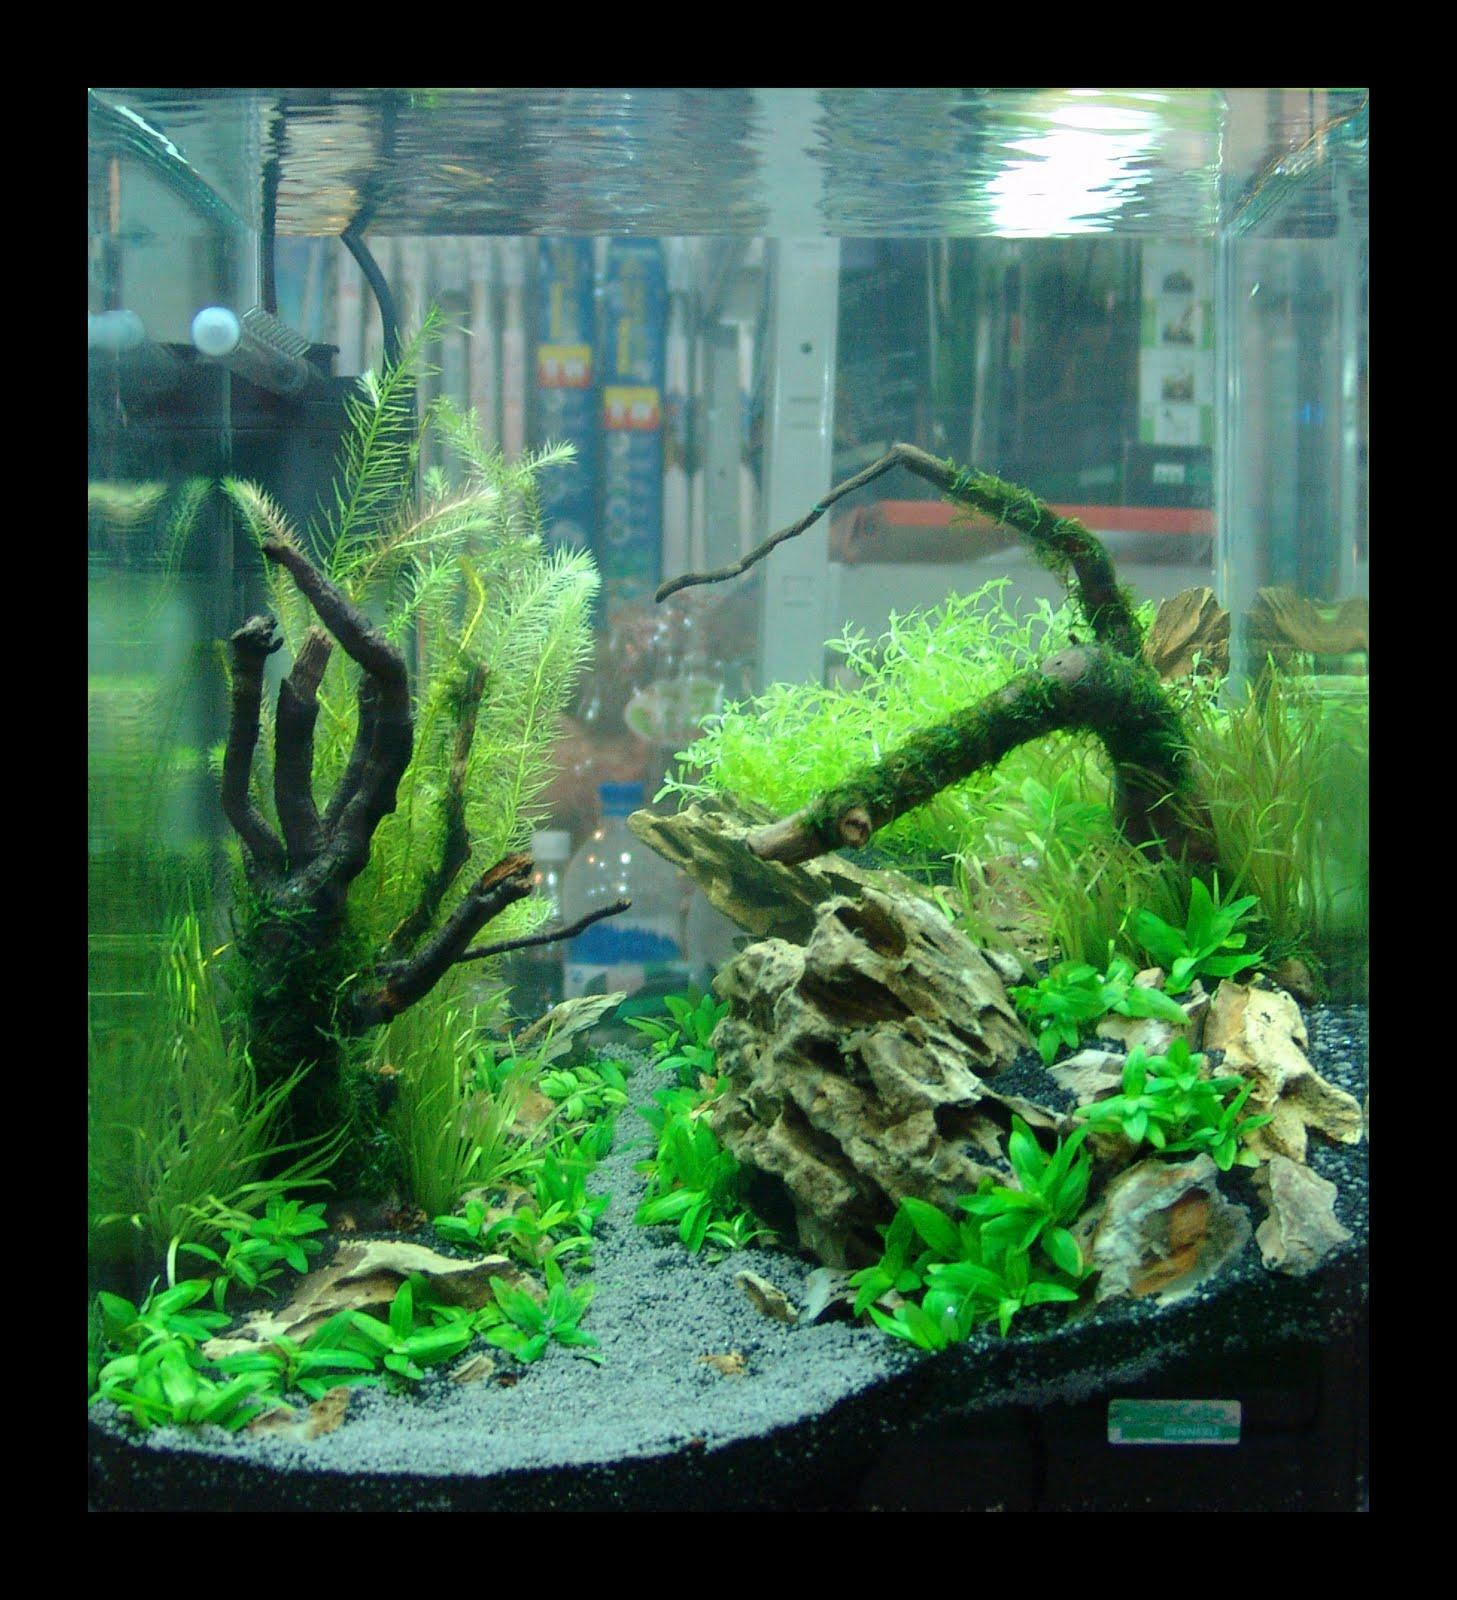 Как сделать аквариум своими руками из стекла: пошаговая инструкция 26